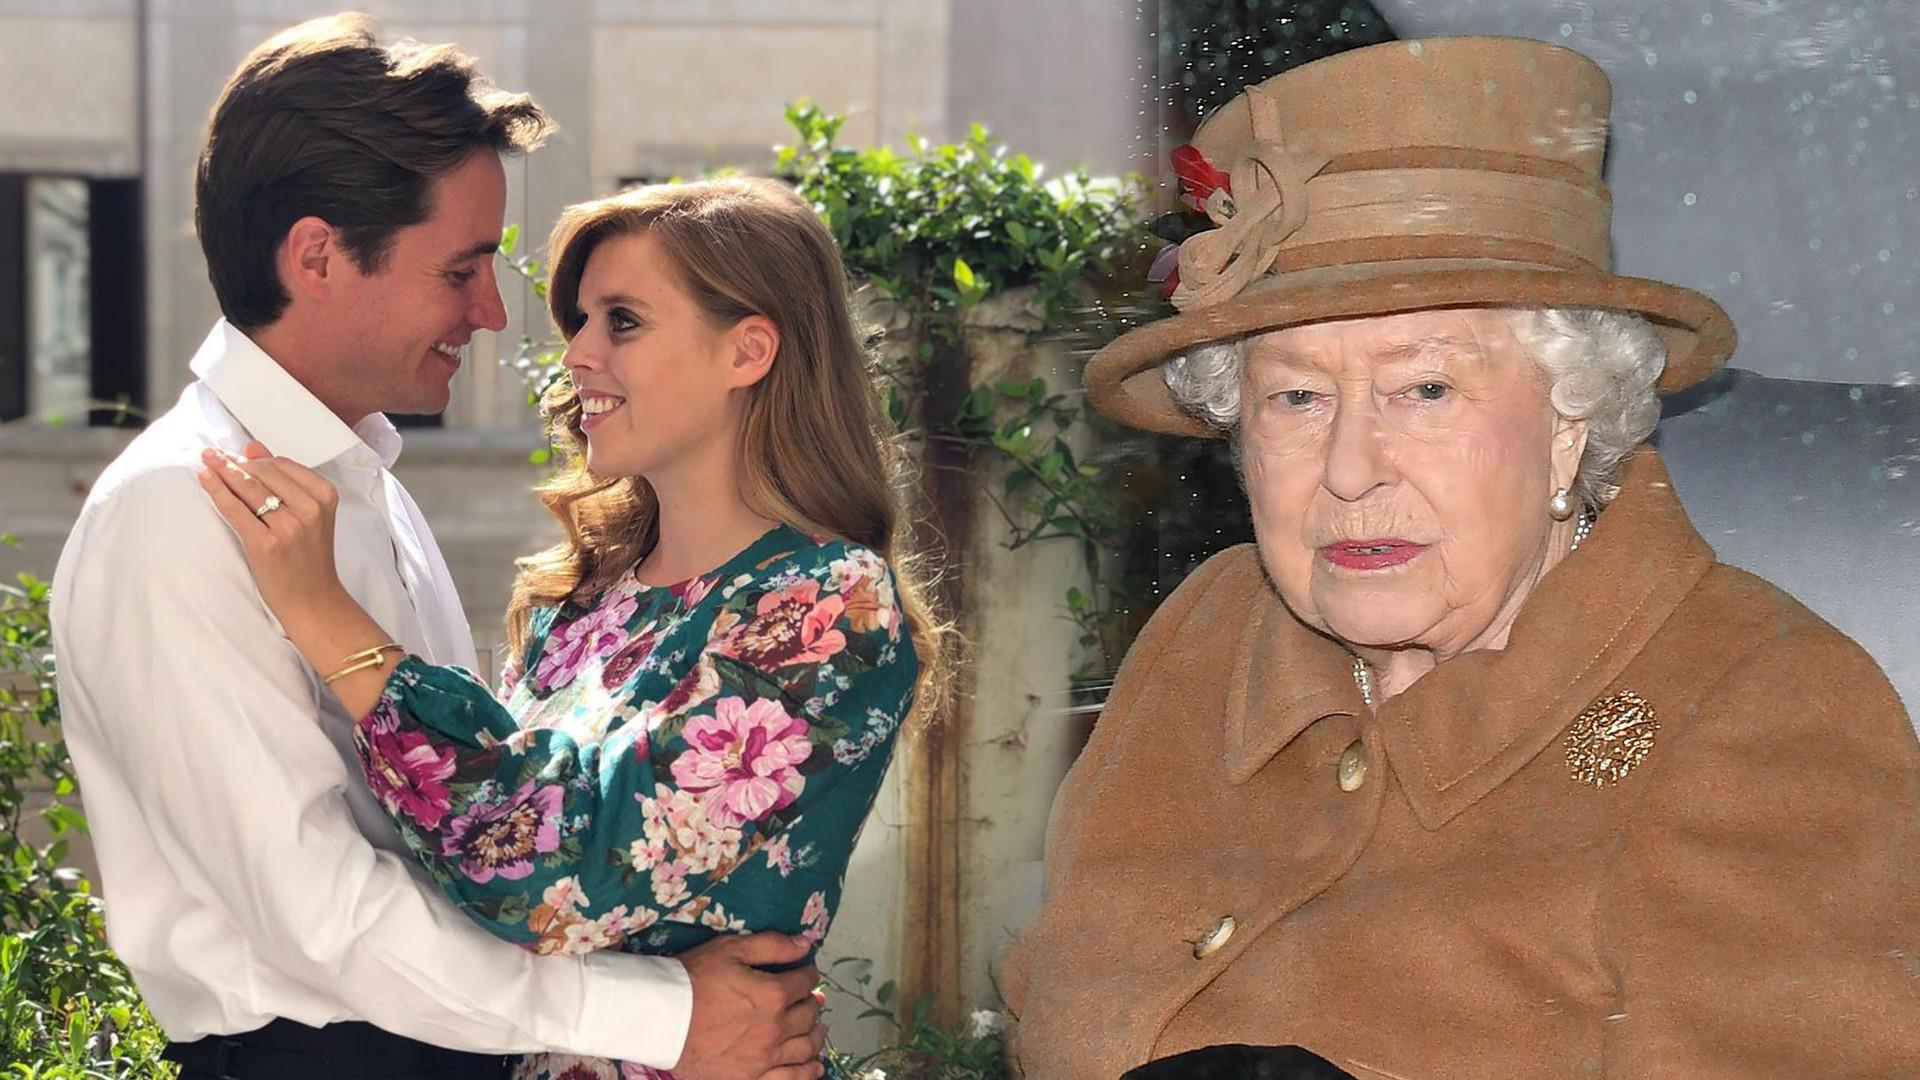 Ślub księżniczki Beatrice odbędzie się w pałacu Buckingham! Została nową ulubienicą Królowej?